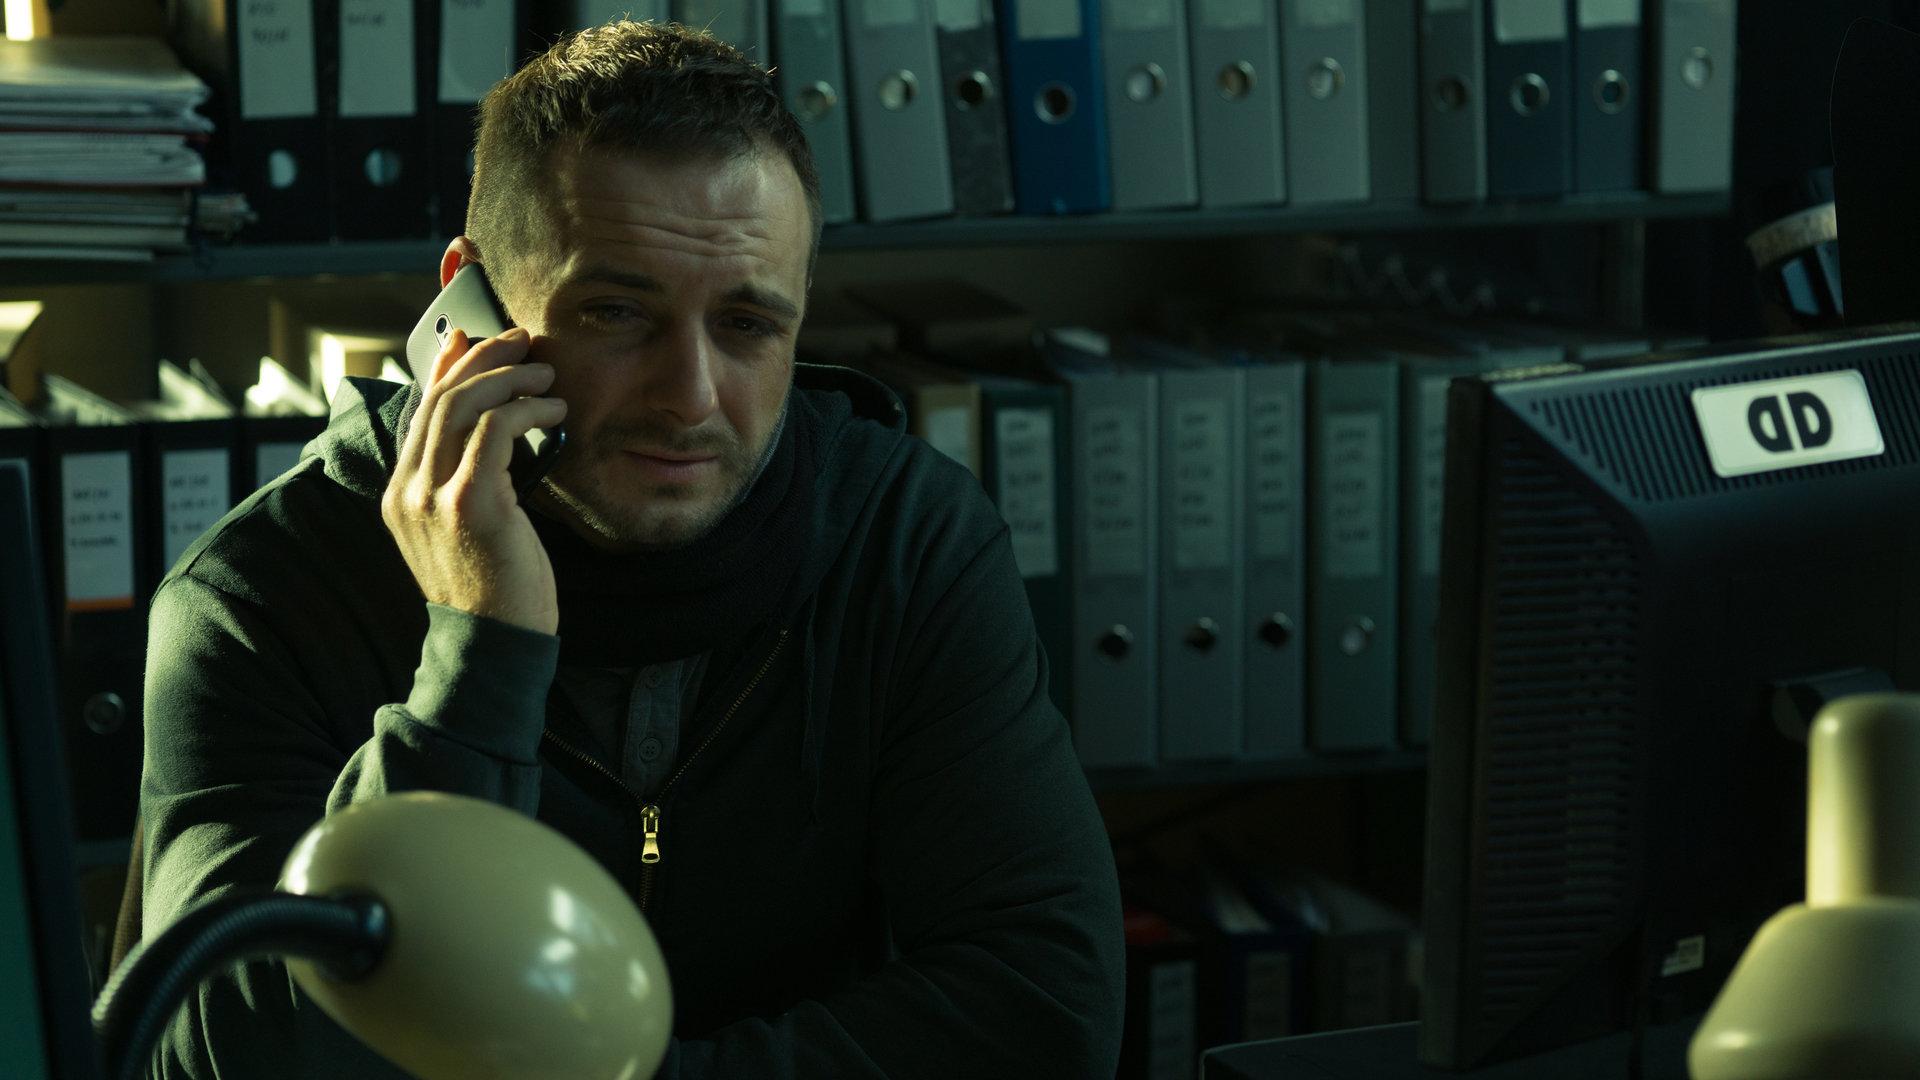 """Mocne otwarcie nowego serialowego thrillera produkcji CANAL+ """"KRUK. Szepty słychać po zmroku"""""""